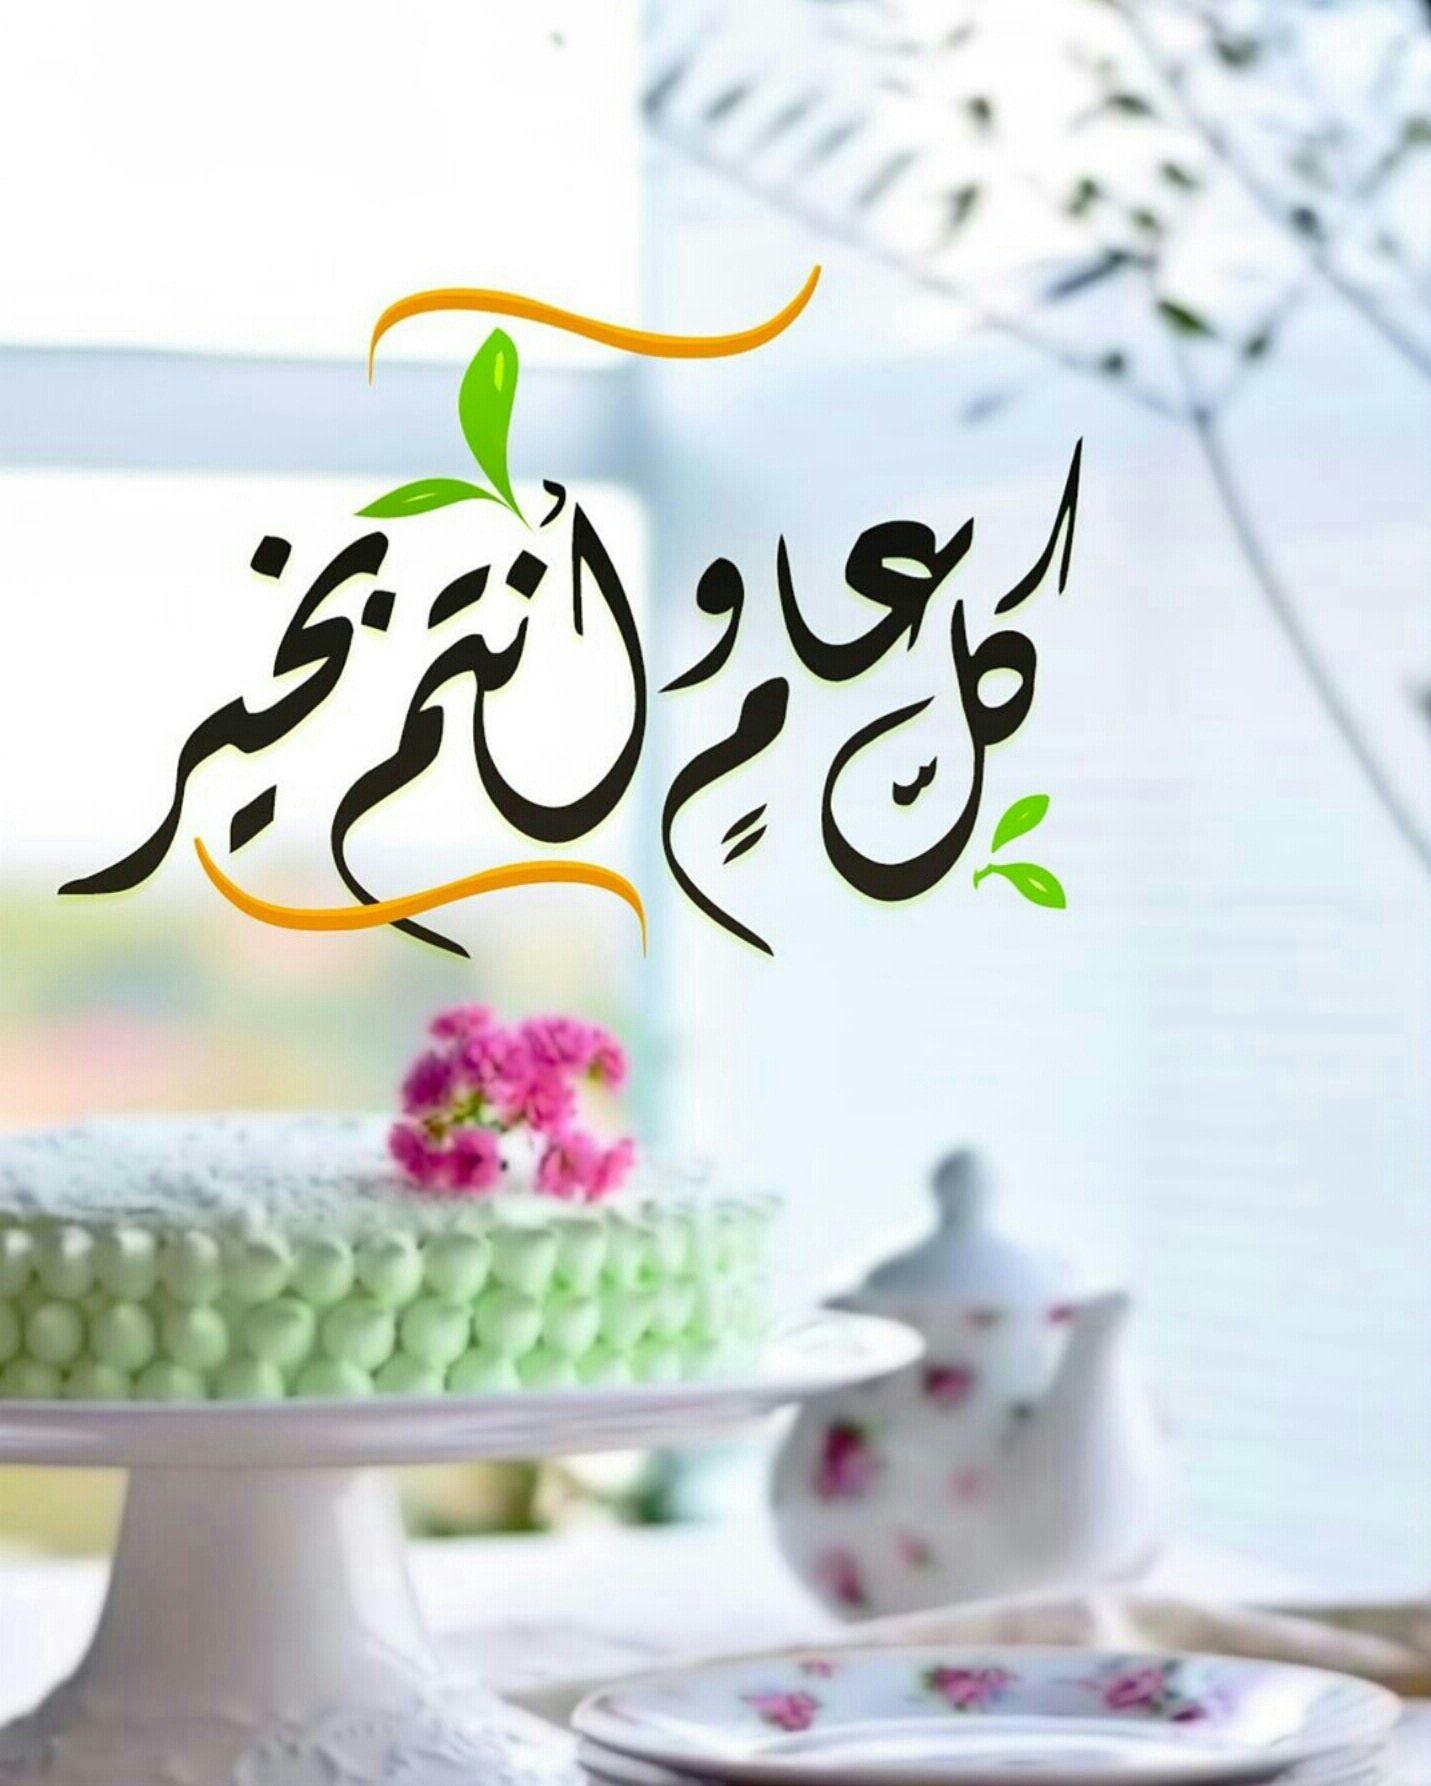 Pin By صورة و كلمة On عيد الفطر عيد الأضحى Eid Mubark Eid Mubarak Eid Ul Adha Islamic Pictures